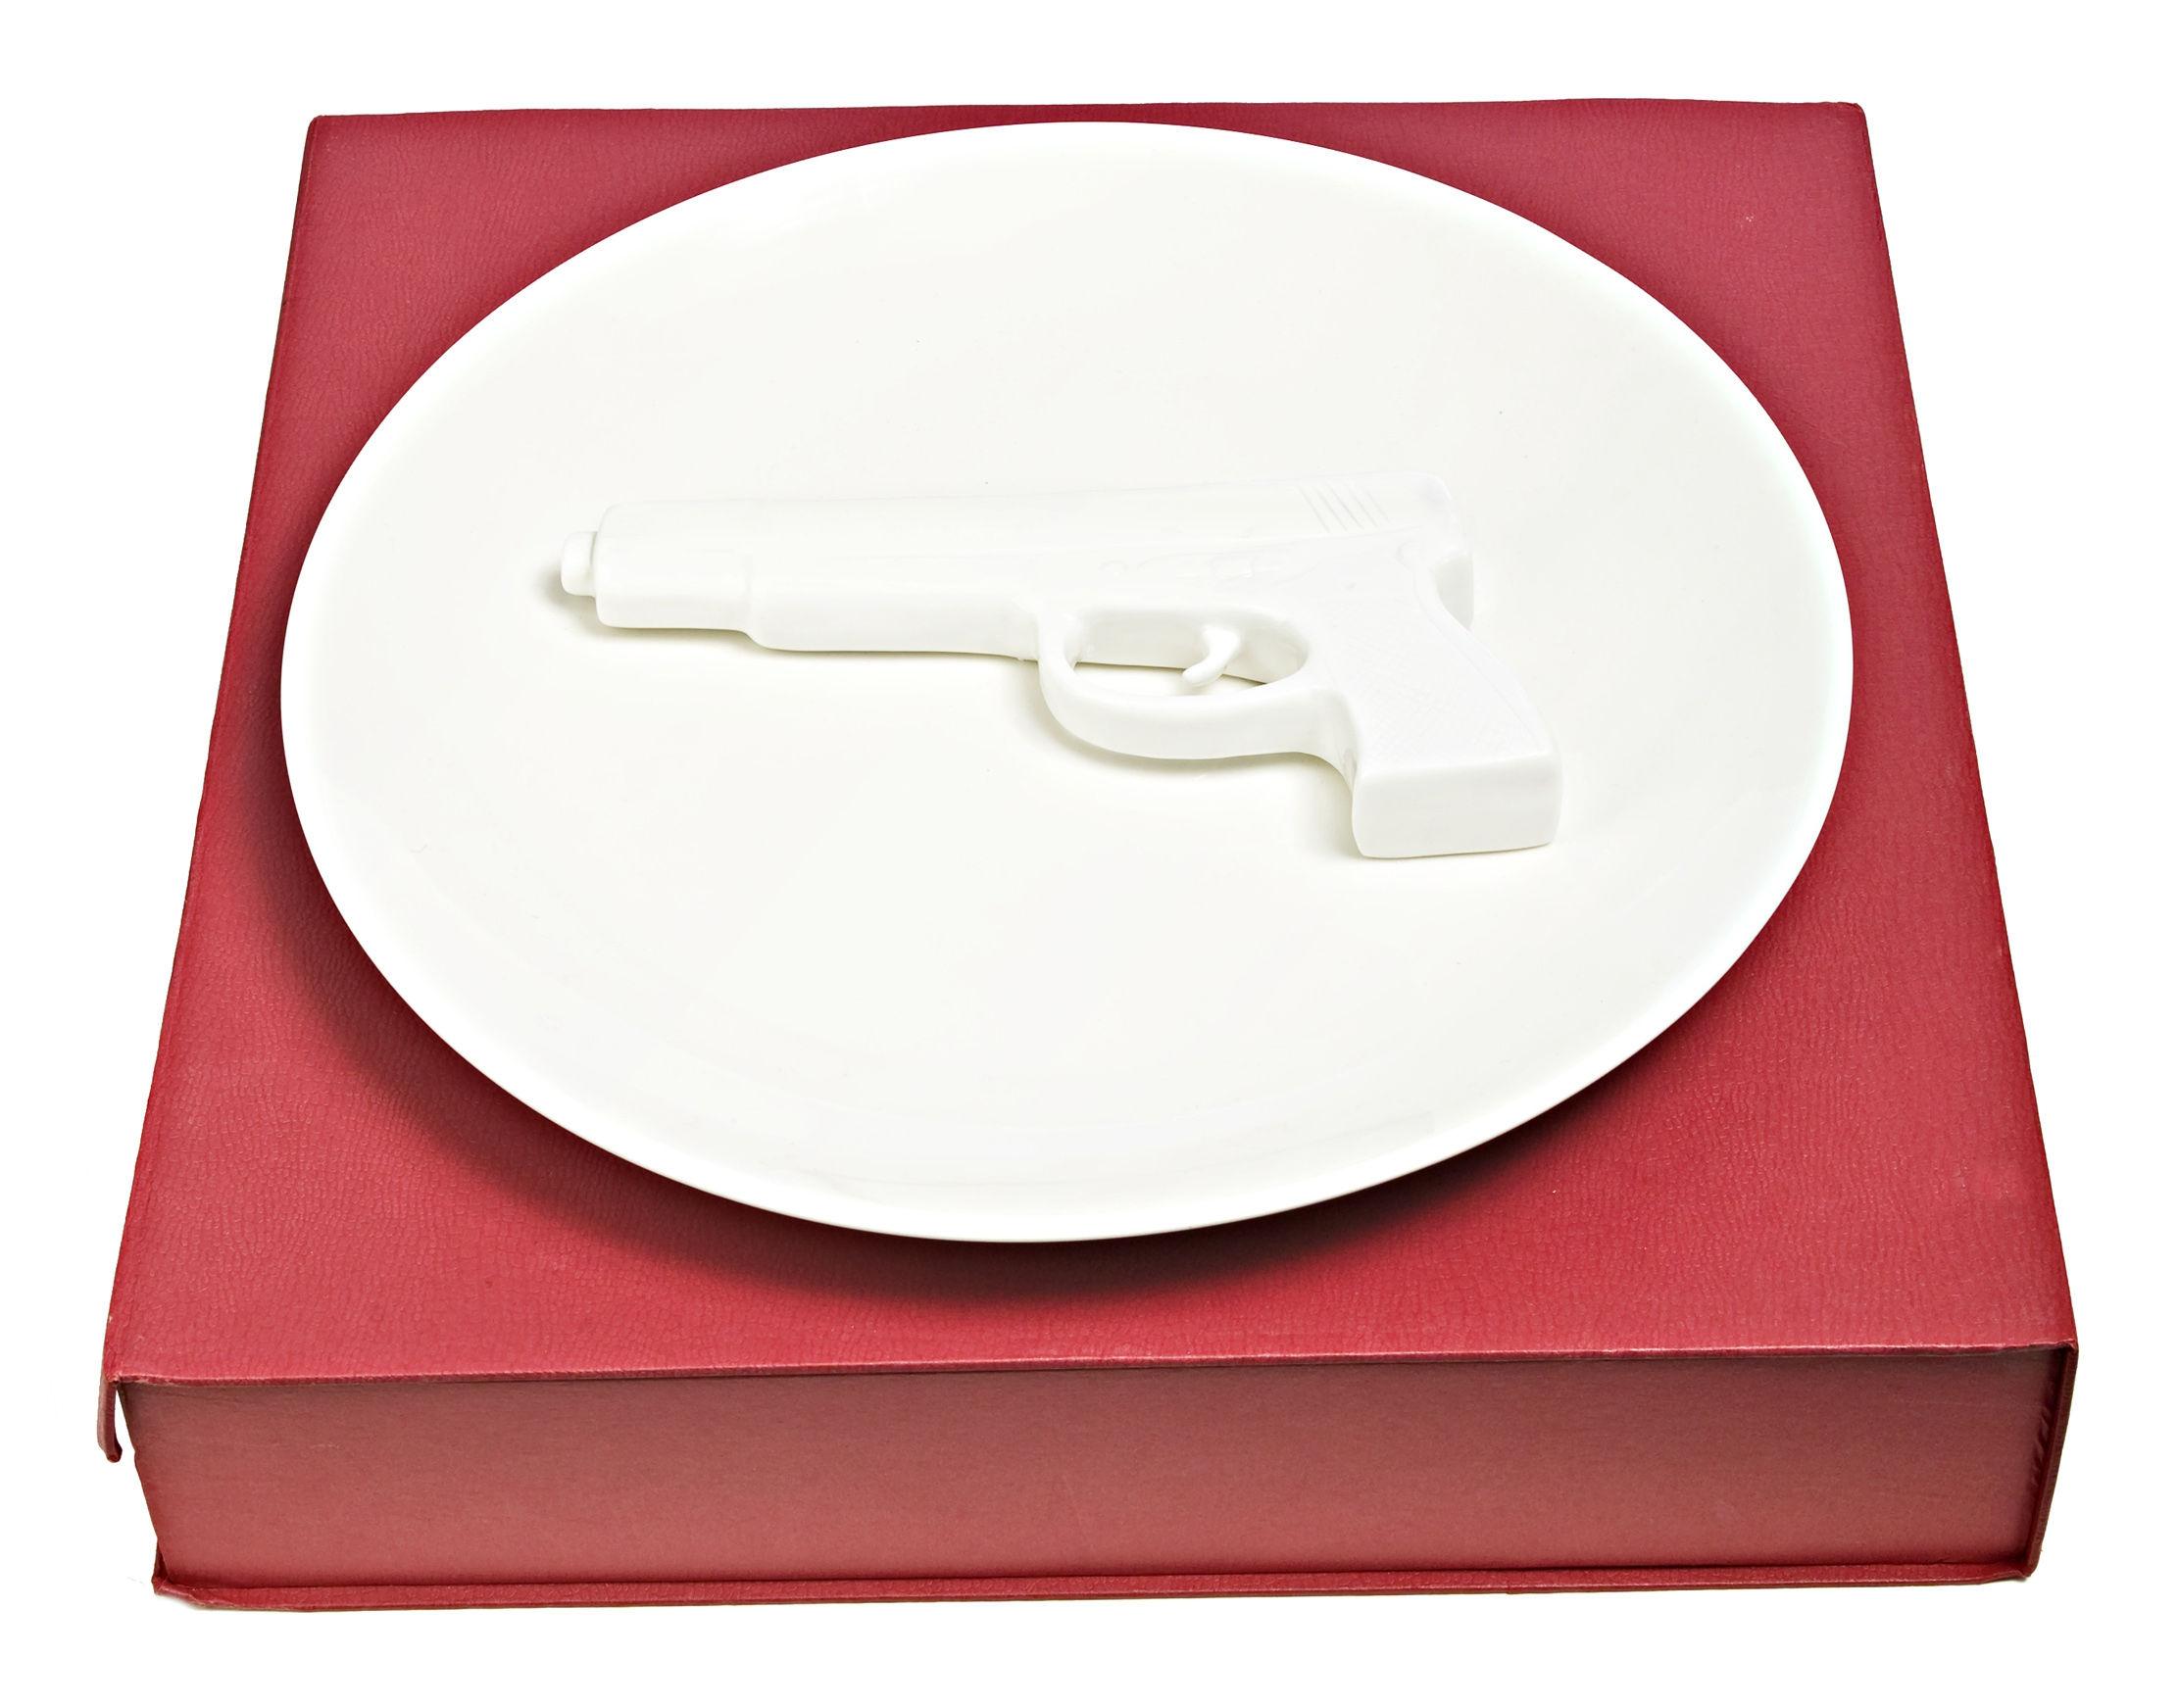 Arts de la table - Assiettes - Assiette de présentation Gun / Revolver en relief - Ø 40 cm - Pols Potten - Revolver / Blanc - Porcelaine vernie